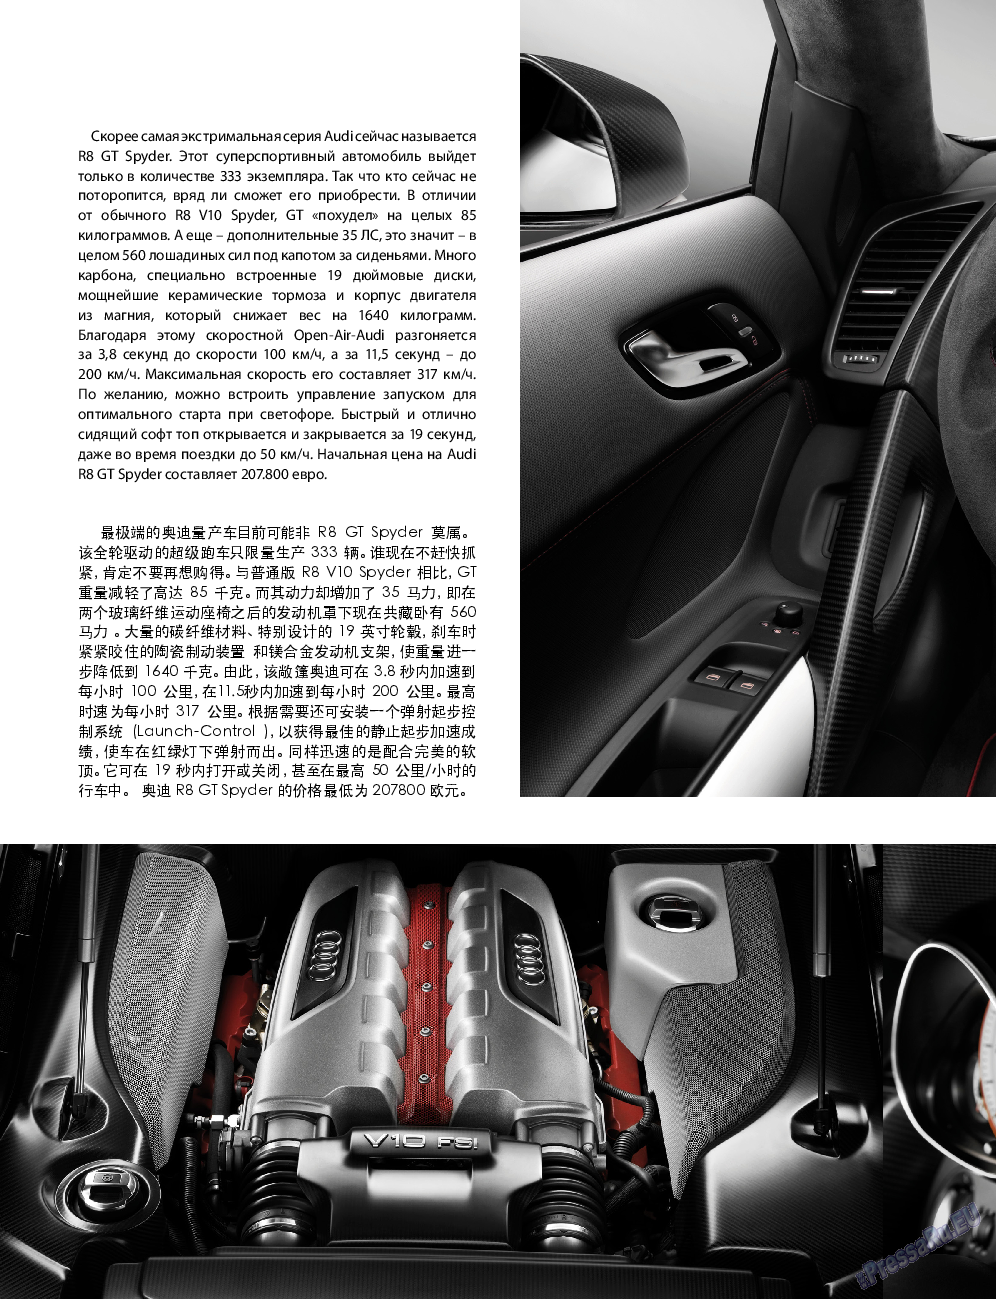 Клан (журнал). 2012 год, номер 3, стр. 30